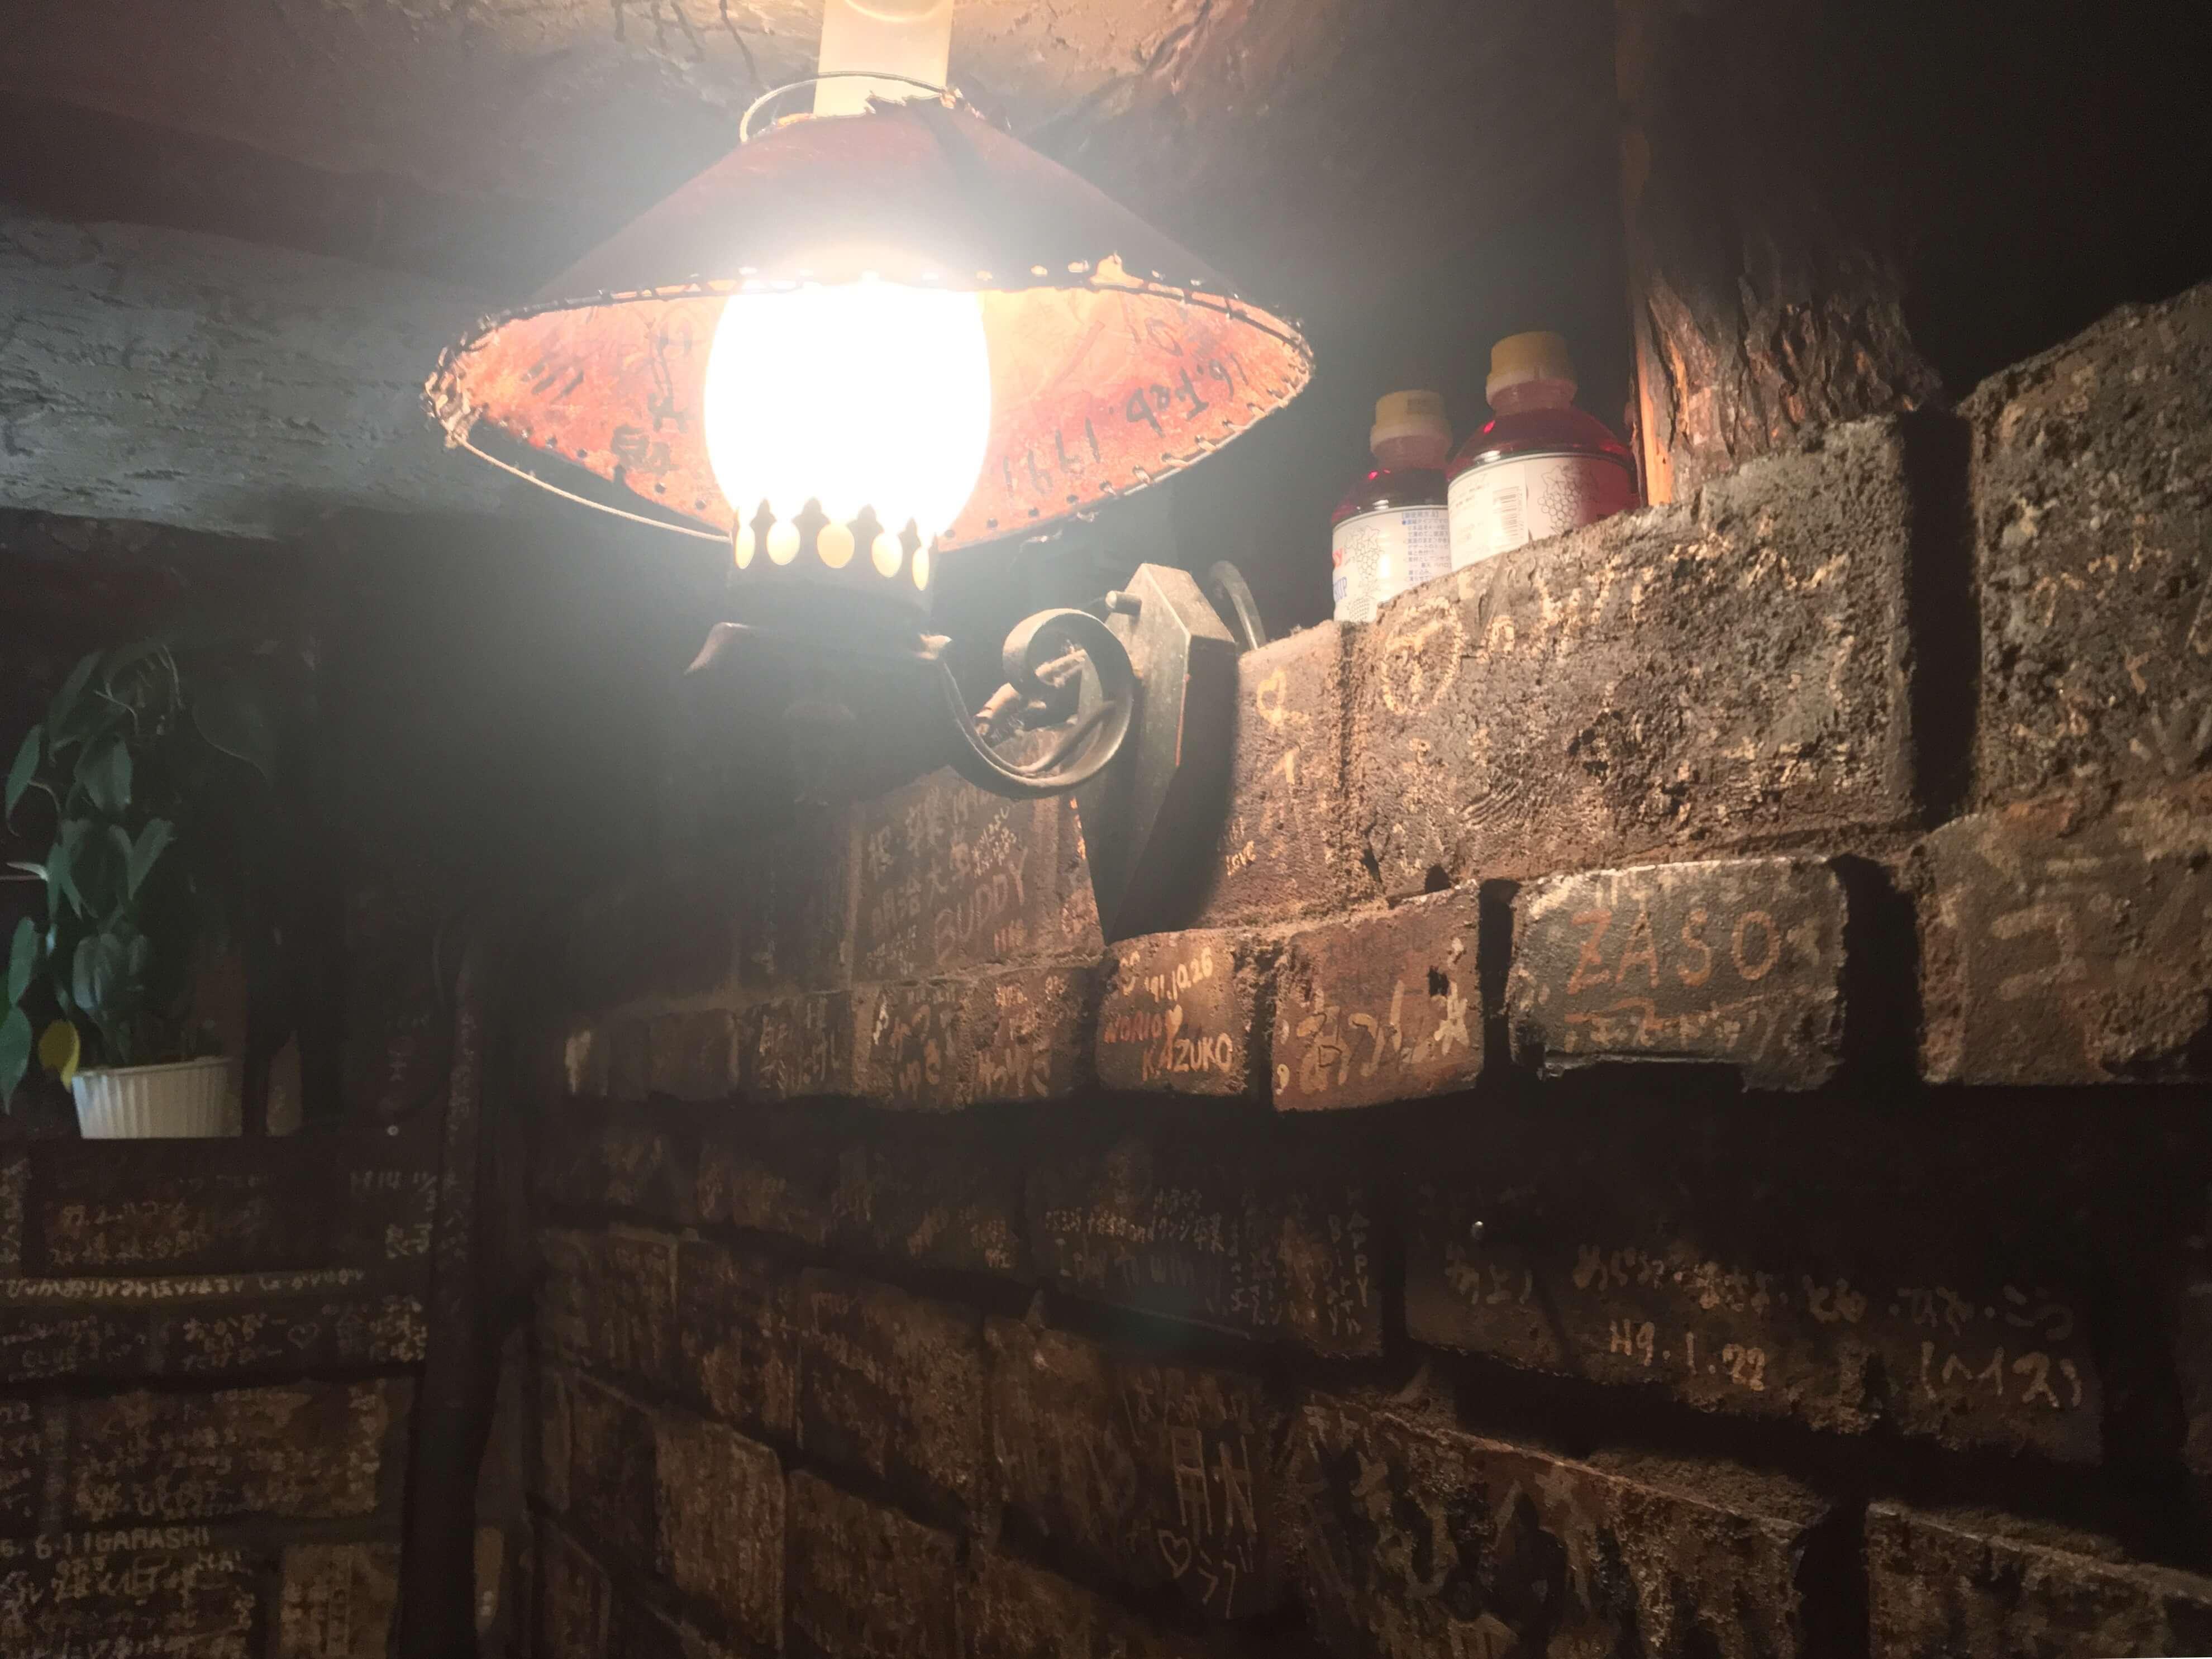 案内された席は半地下。薄暗い店内を見渡してみると壁や柱にビッシリと描かれたメッセージが!